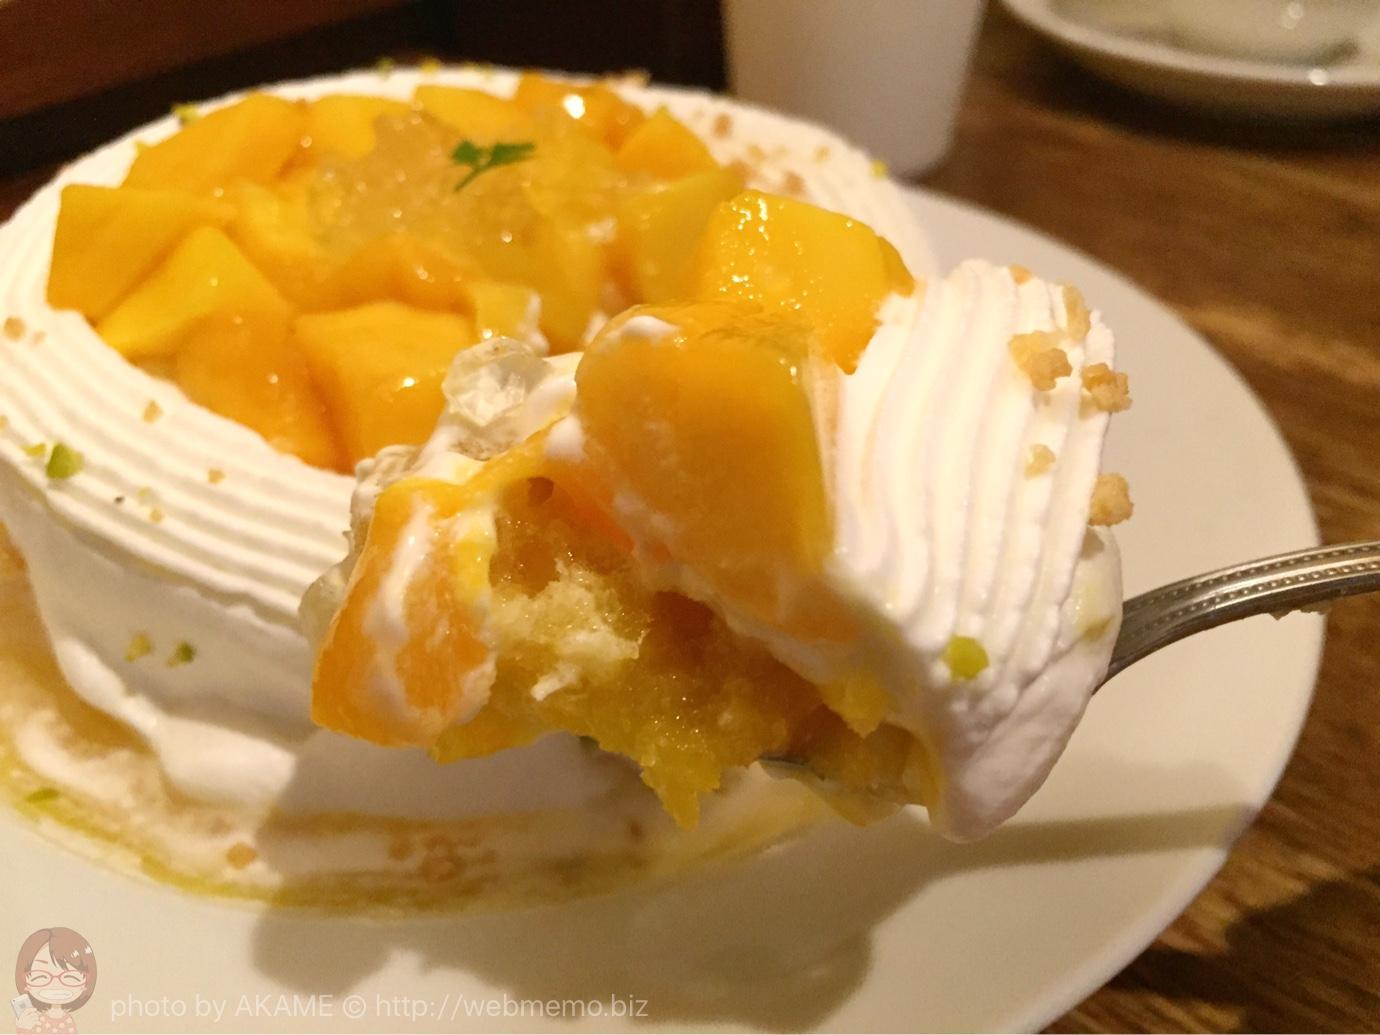 マンゴーのショートケーキ 断面